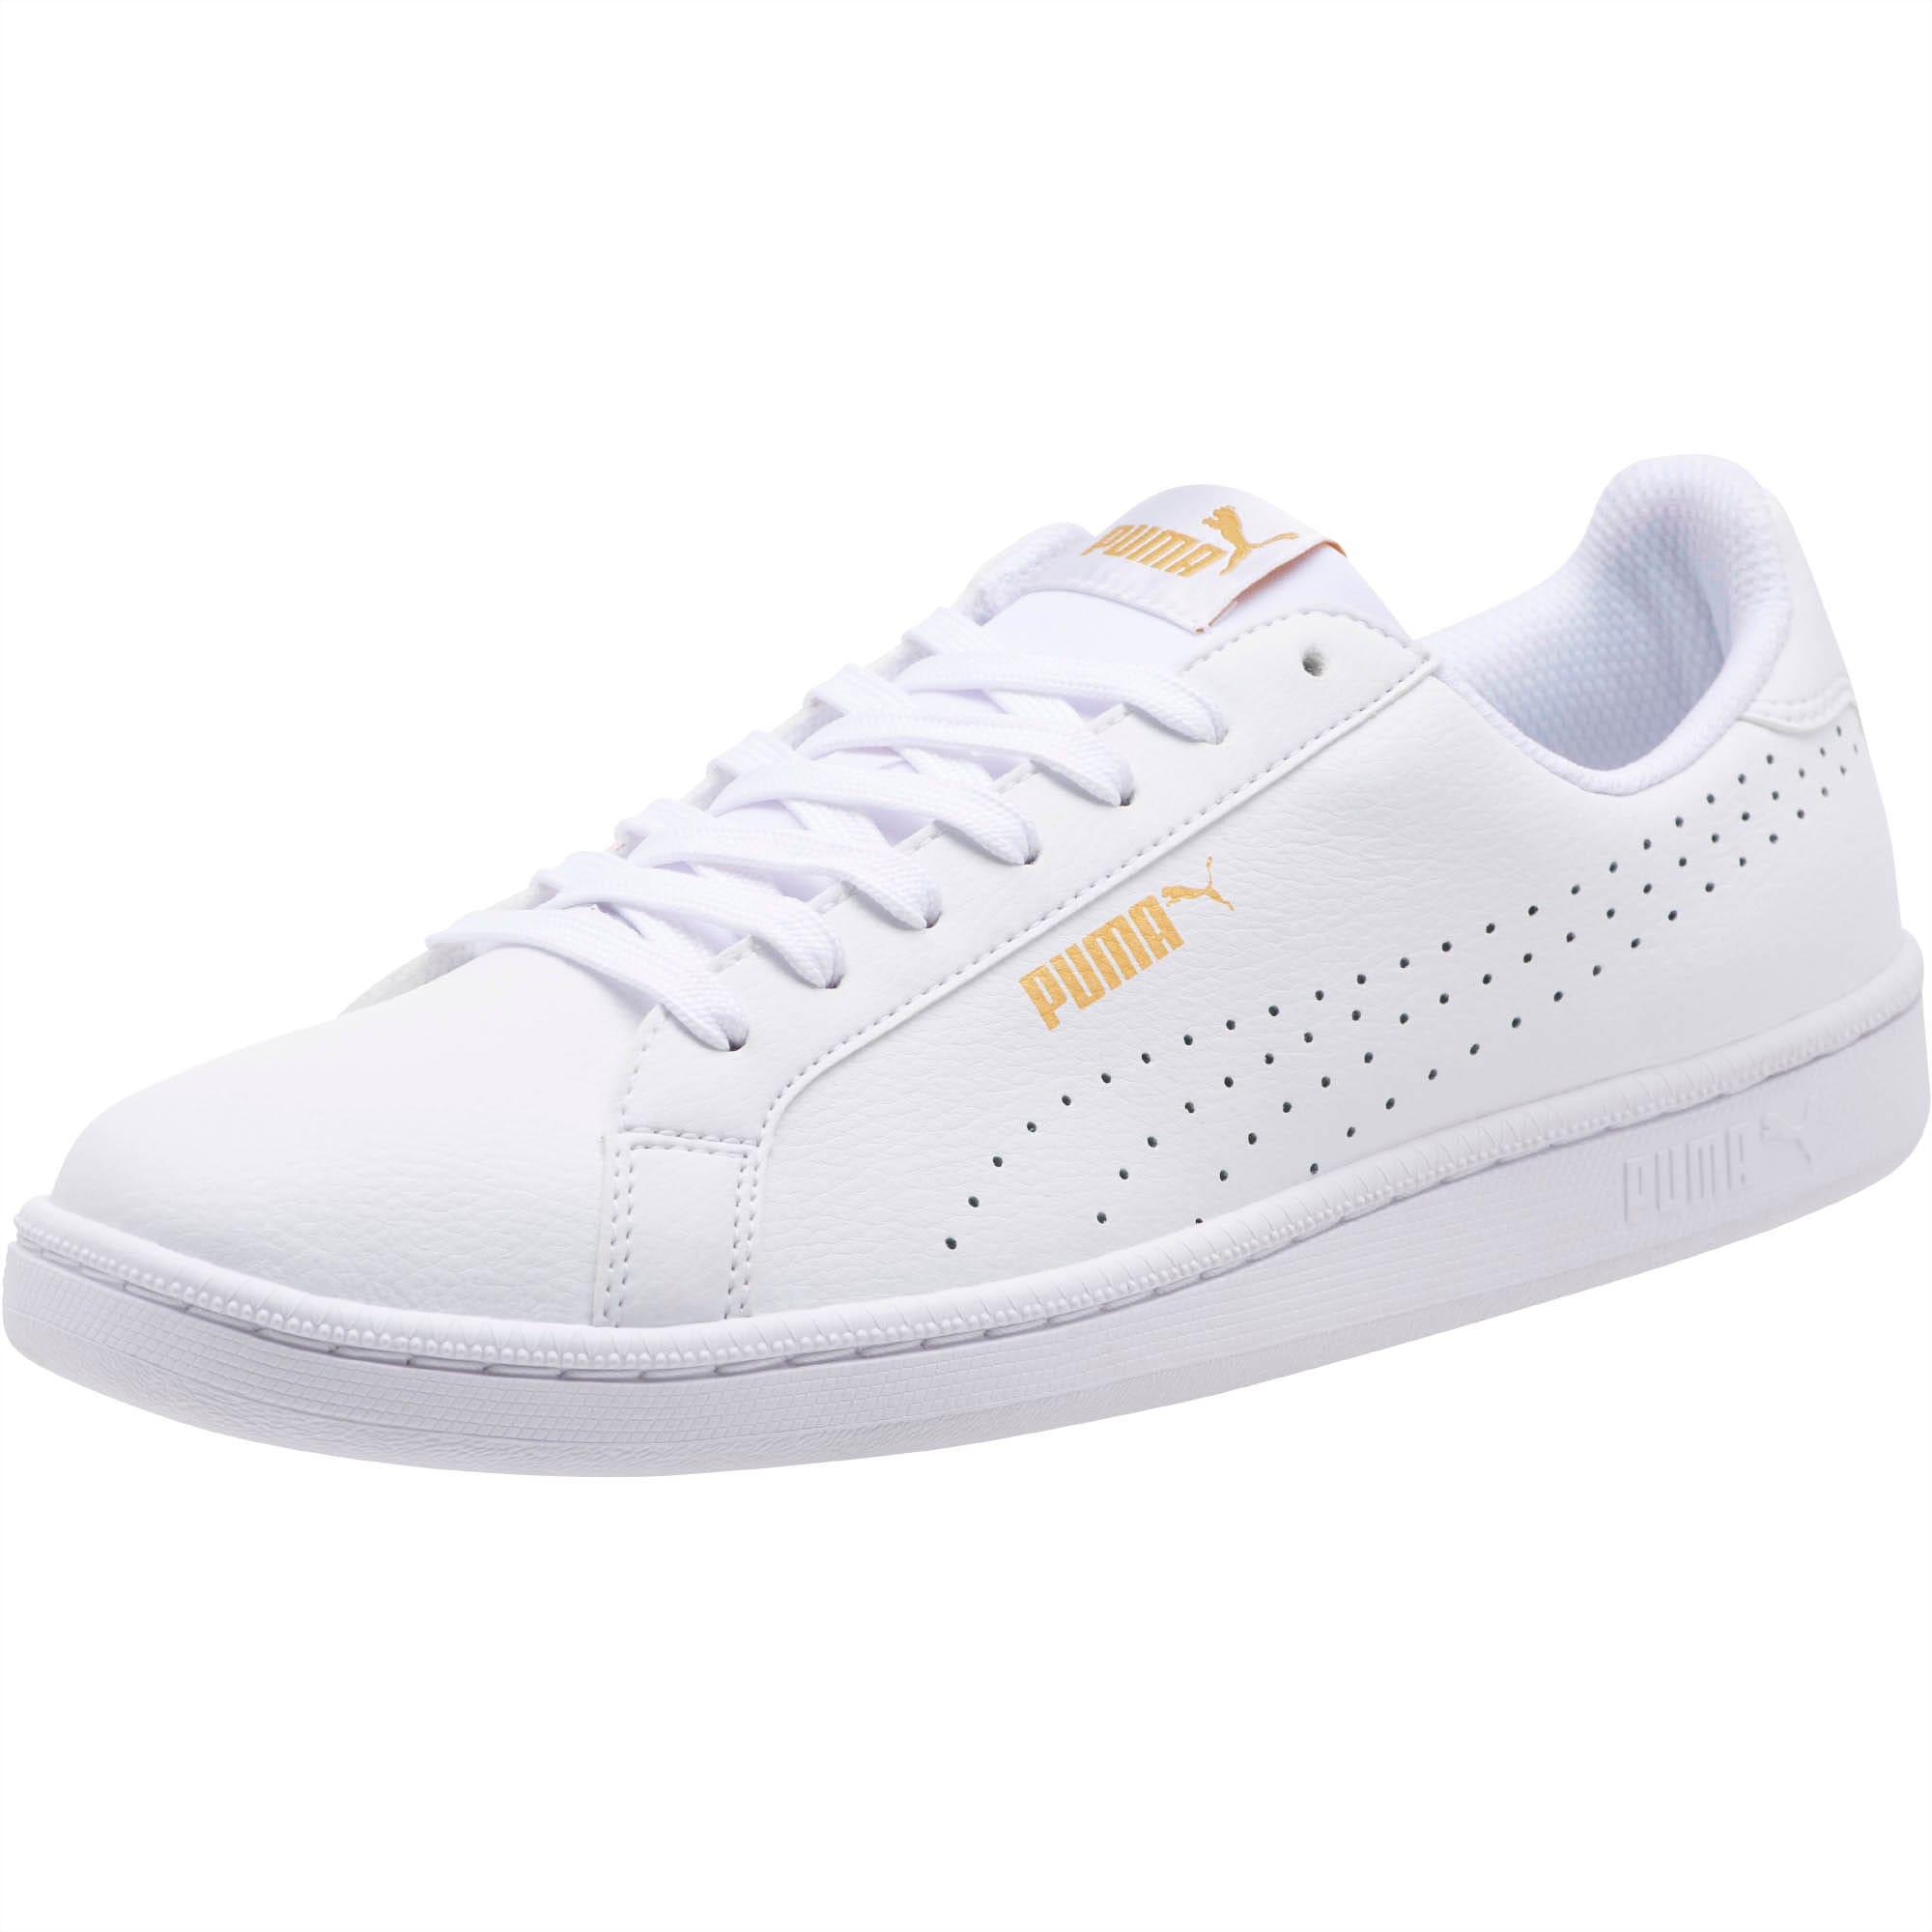 PUMA Smash Perf Men's Sneakers